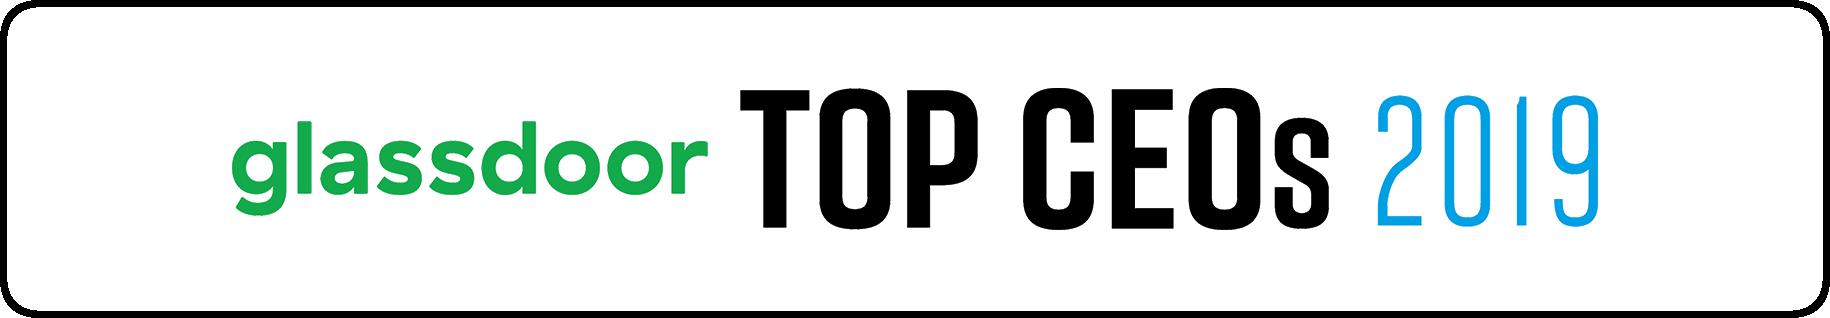 Glassdoor Top CEO